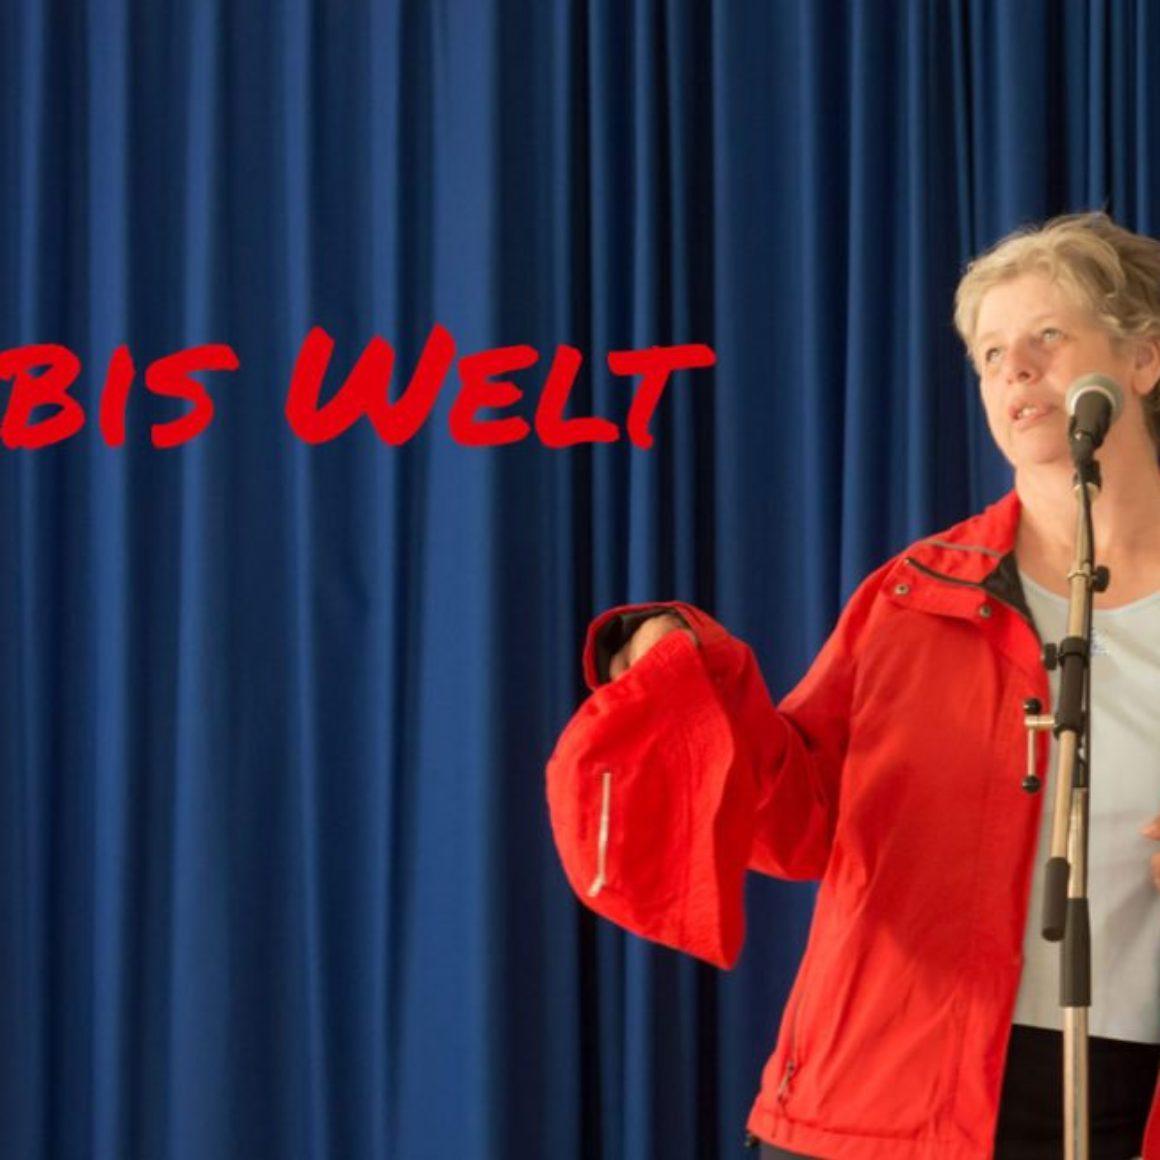 Tobis-Welt